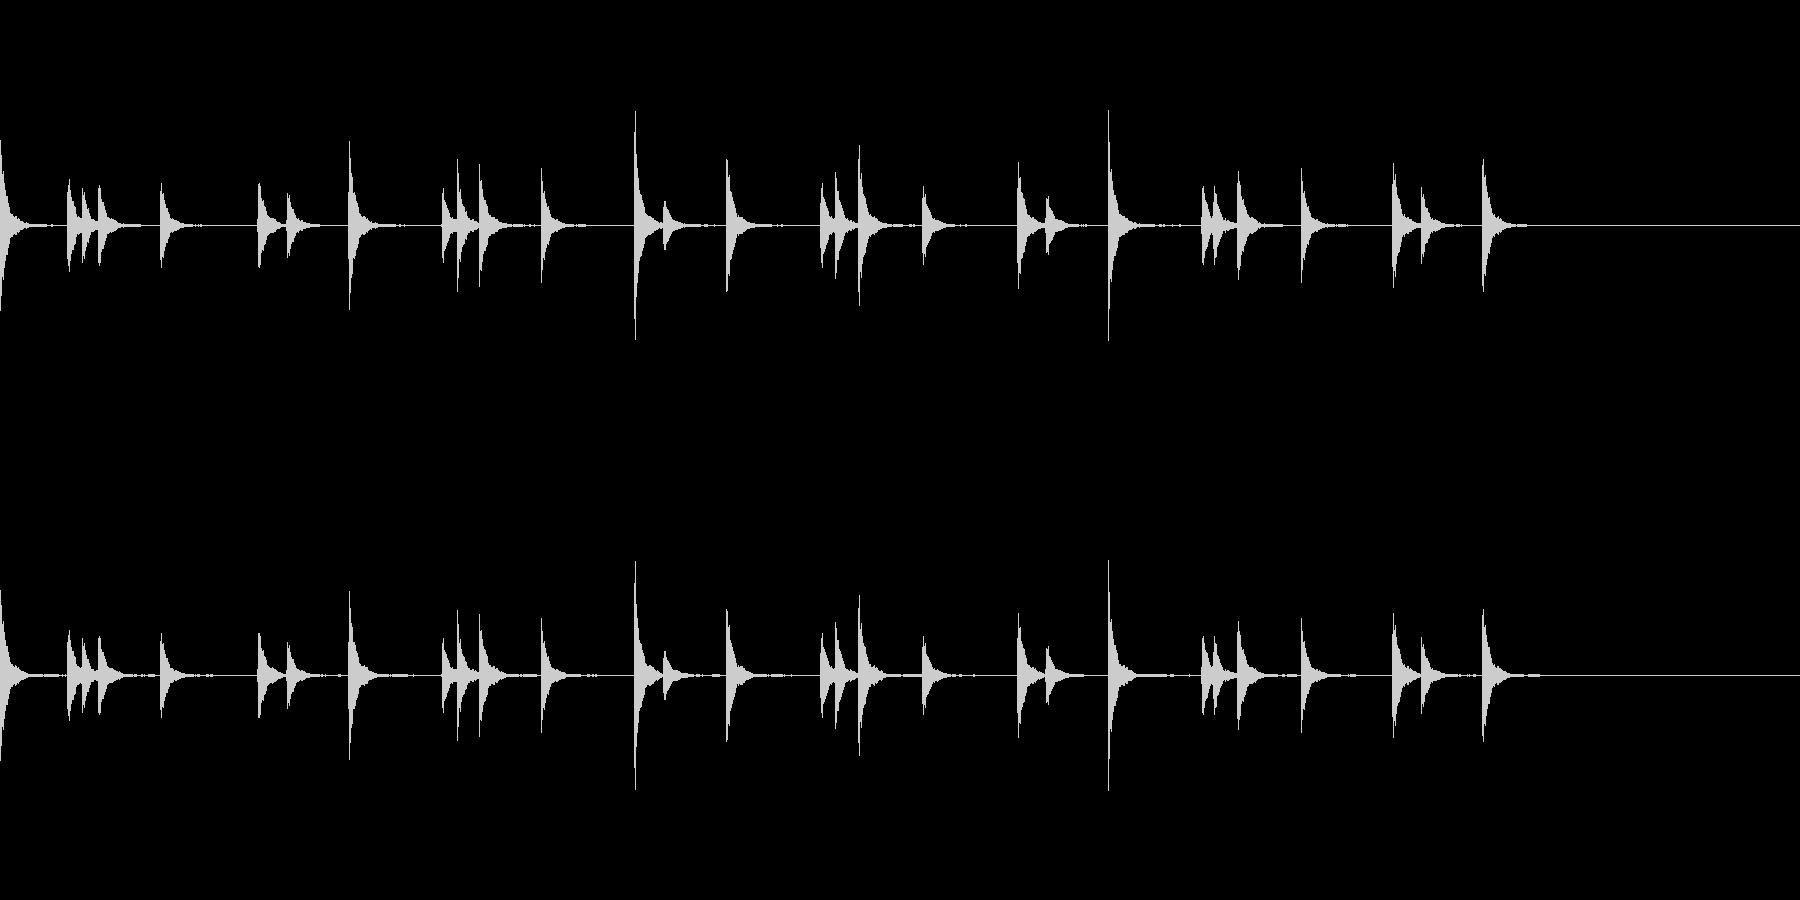 音侍 お囃子の当たり鉦のループ音リバーブの未再生の波形